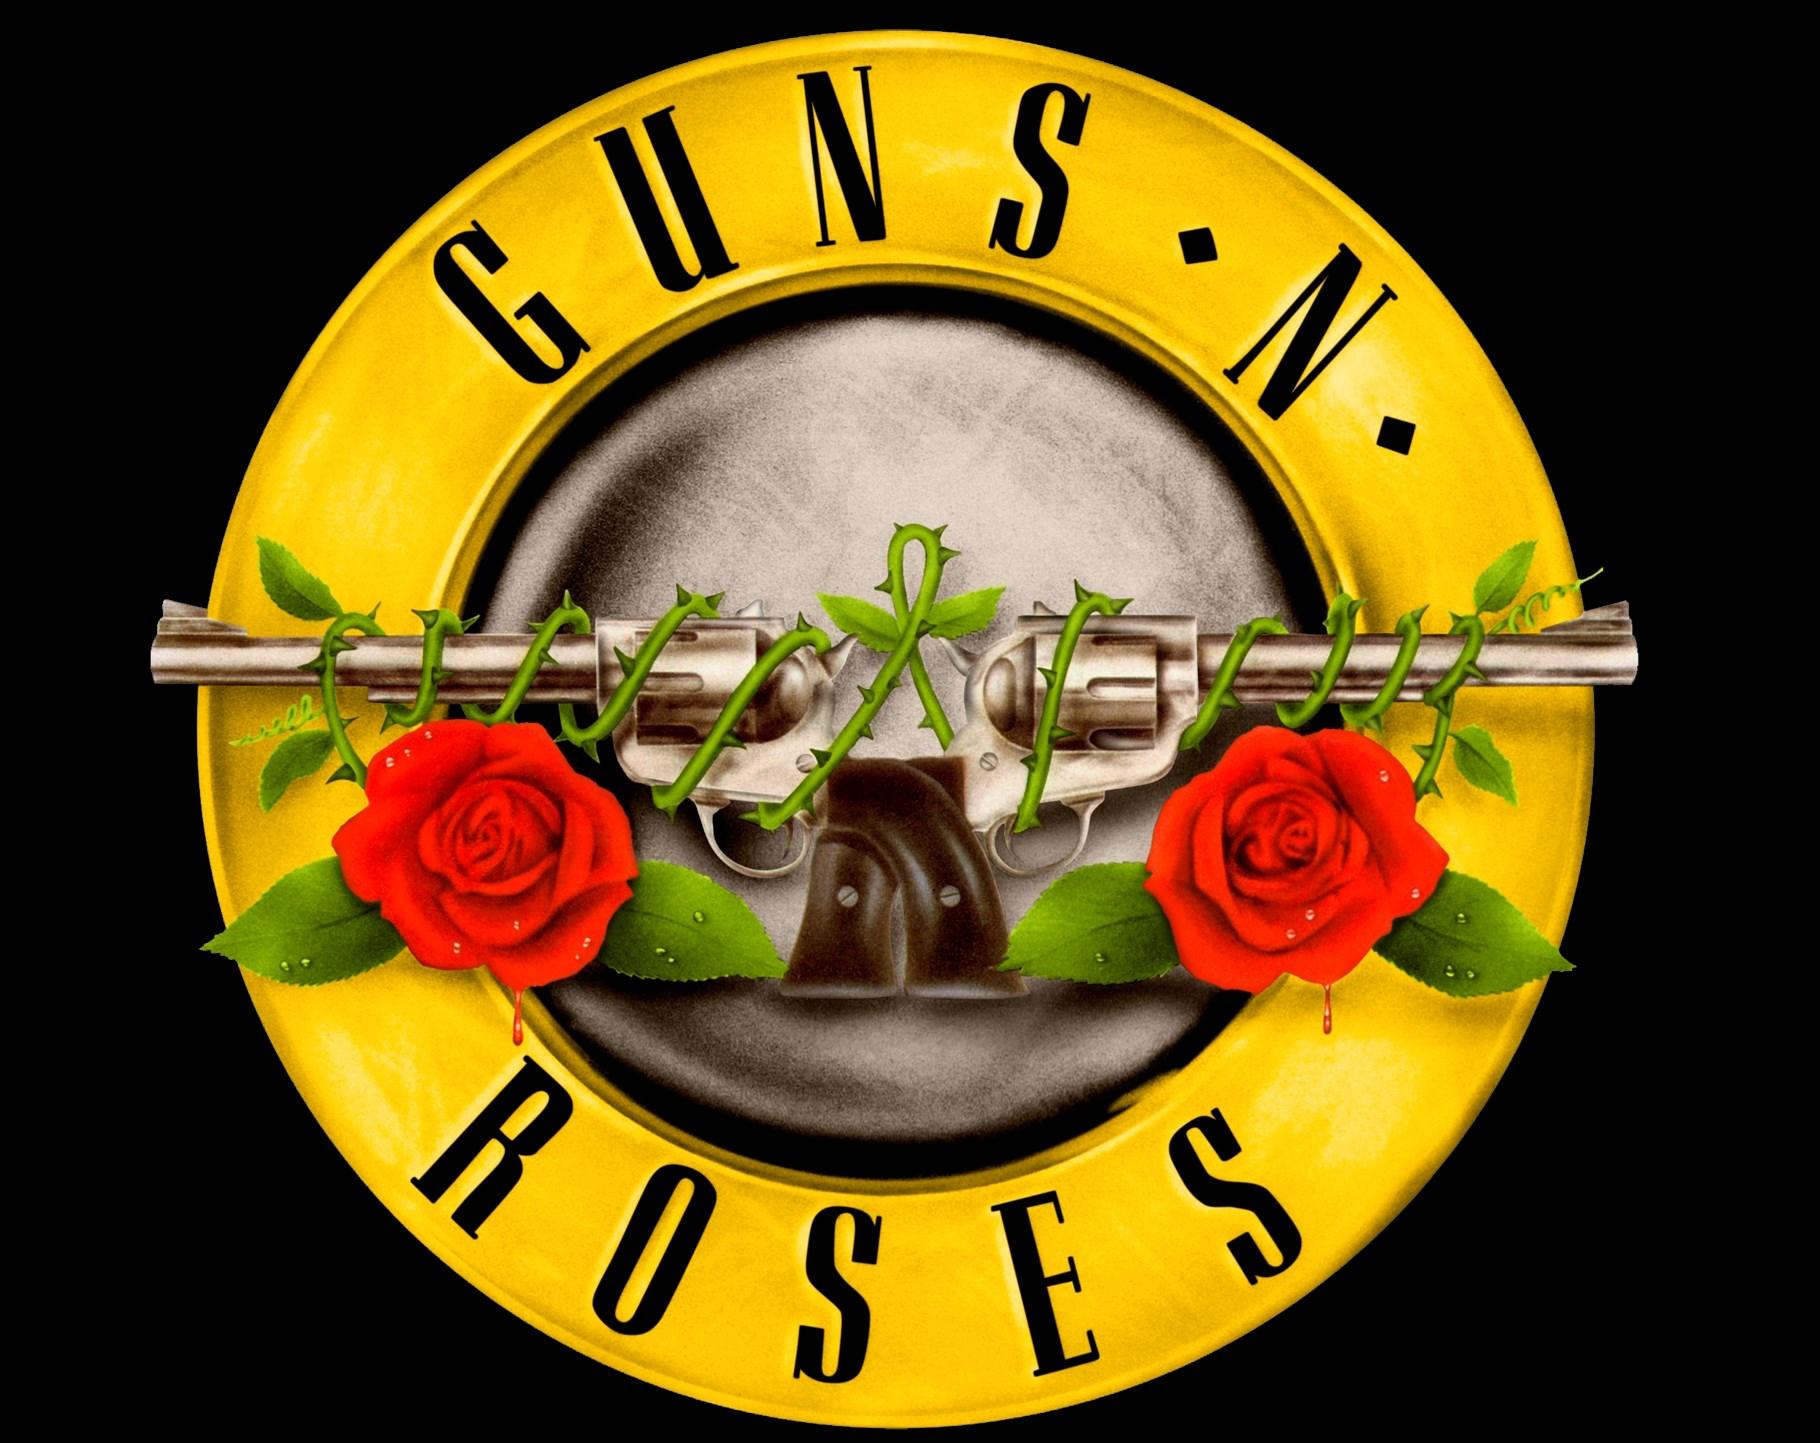 guns n roses logo - HD1600×1443